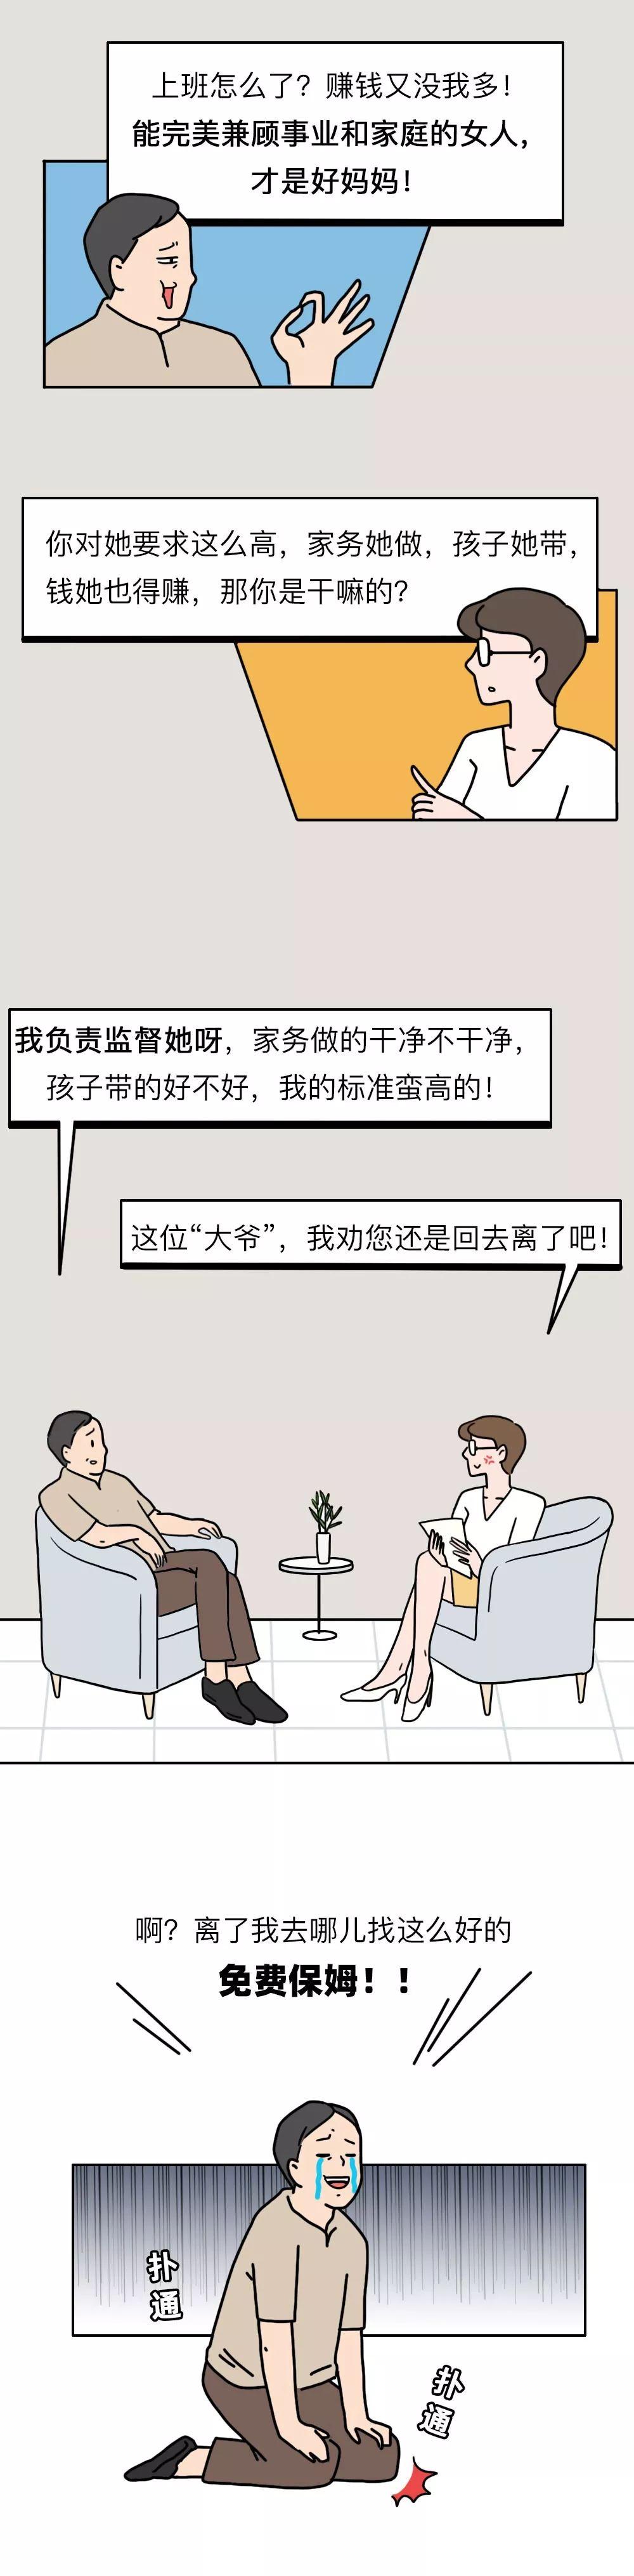 """庆典成经典 国企显力量——揭秘国庆大典幕后保障""""硬核""""国家队"""